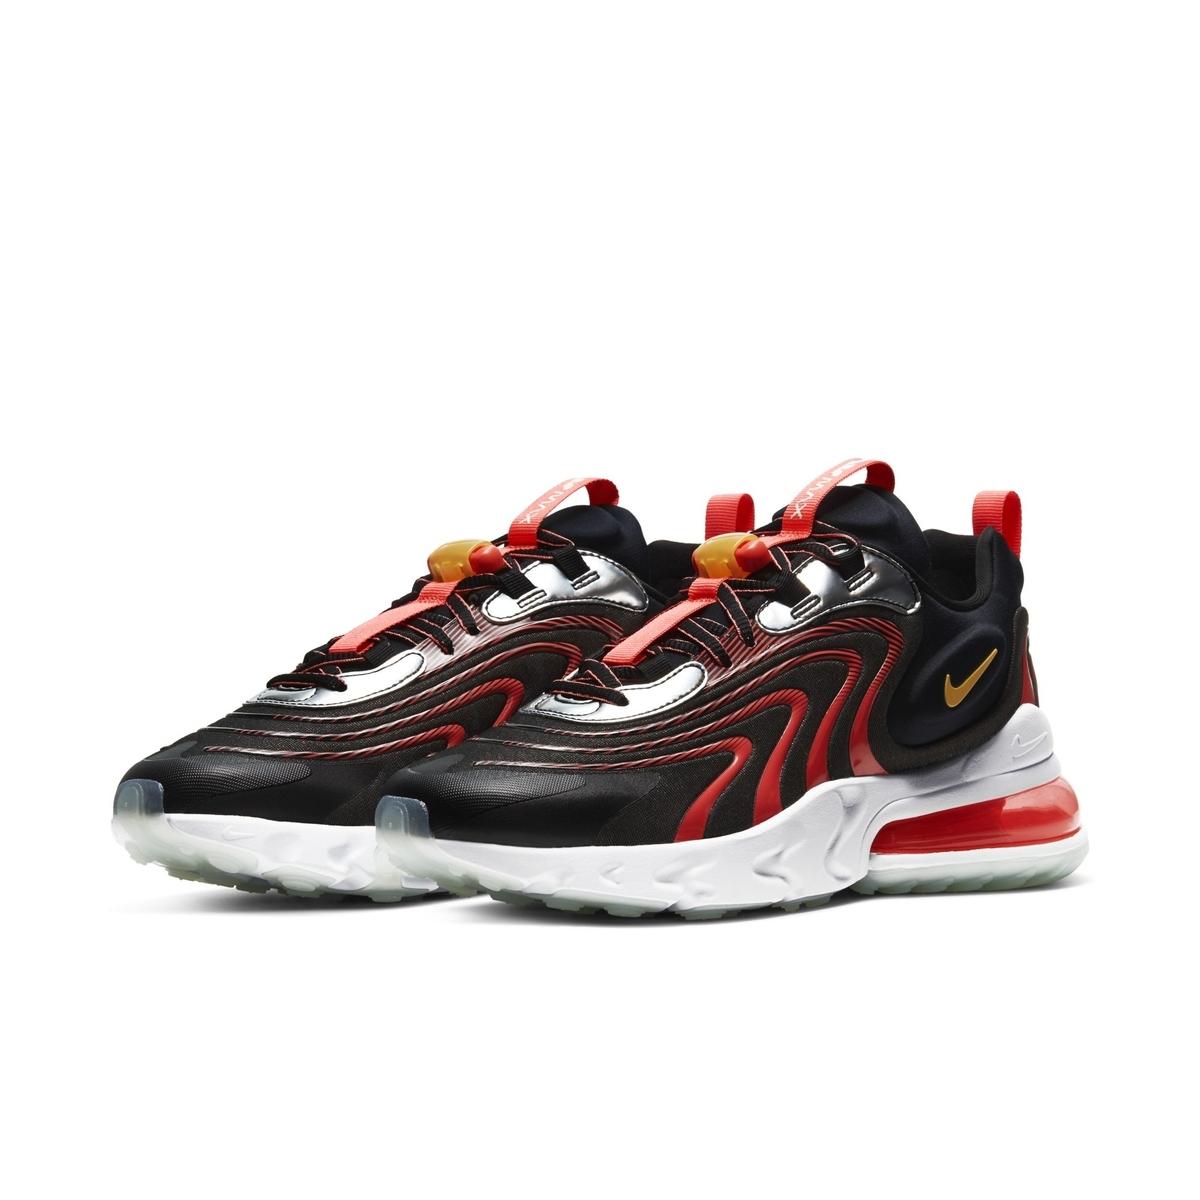 Nike,Air Max 270,react 暗藏蜘蛛侠图案?!这双 Air Max 270 React 可能来头不小...